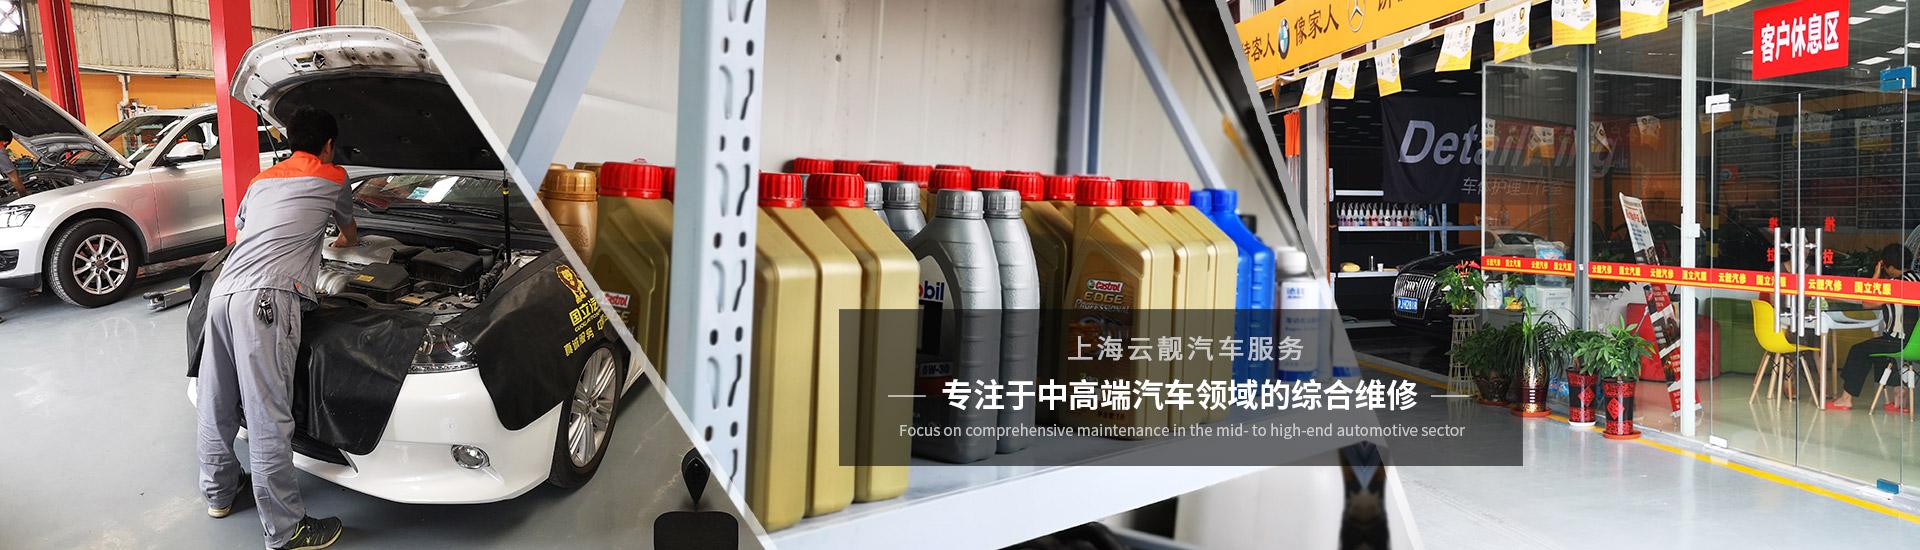 上海雷竞技雷竞技电竞平台服务有限公司